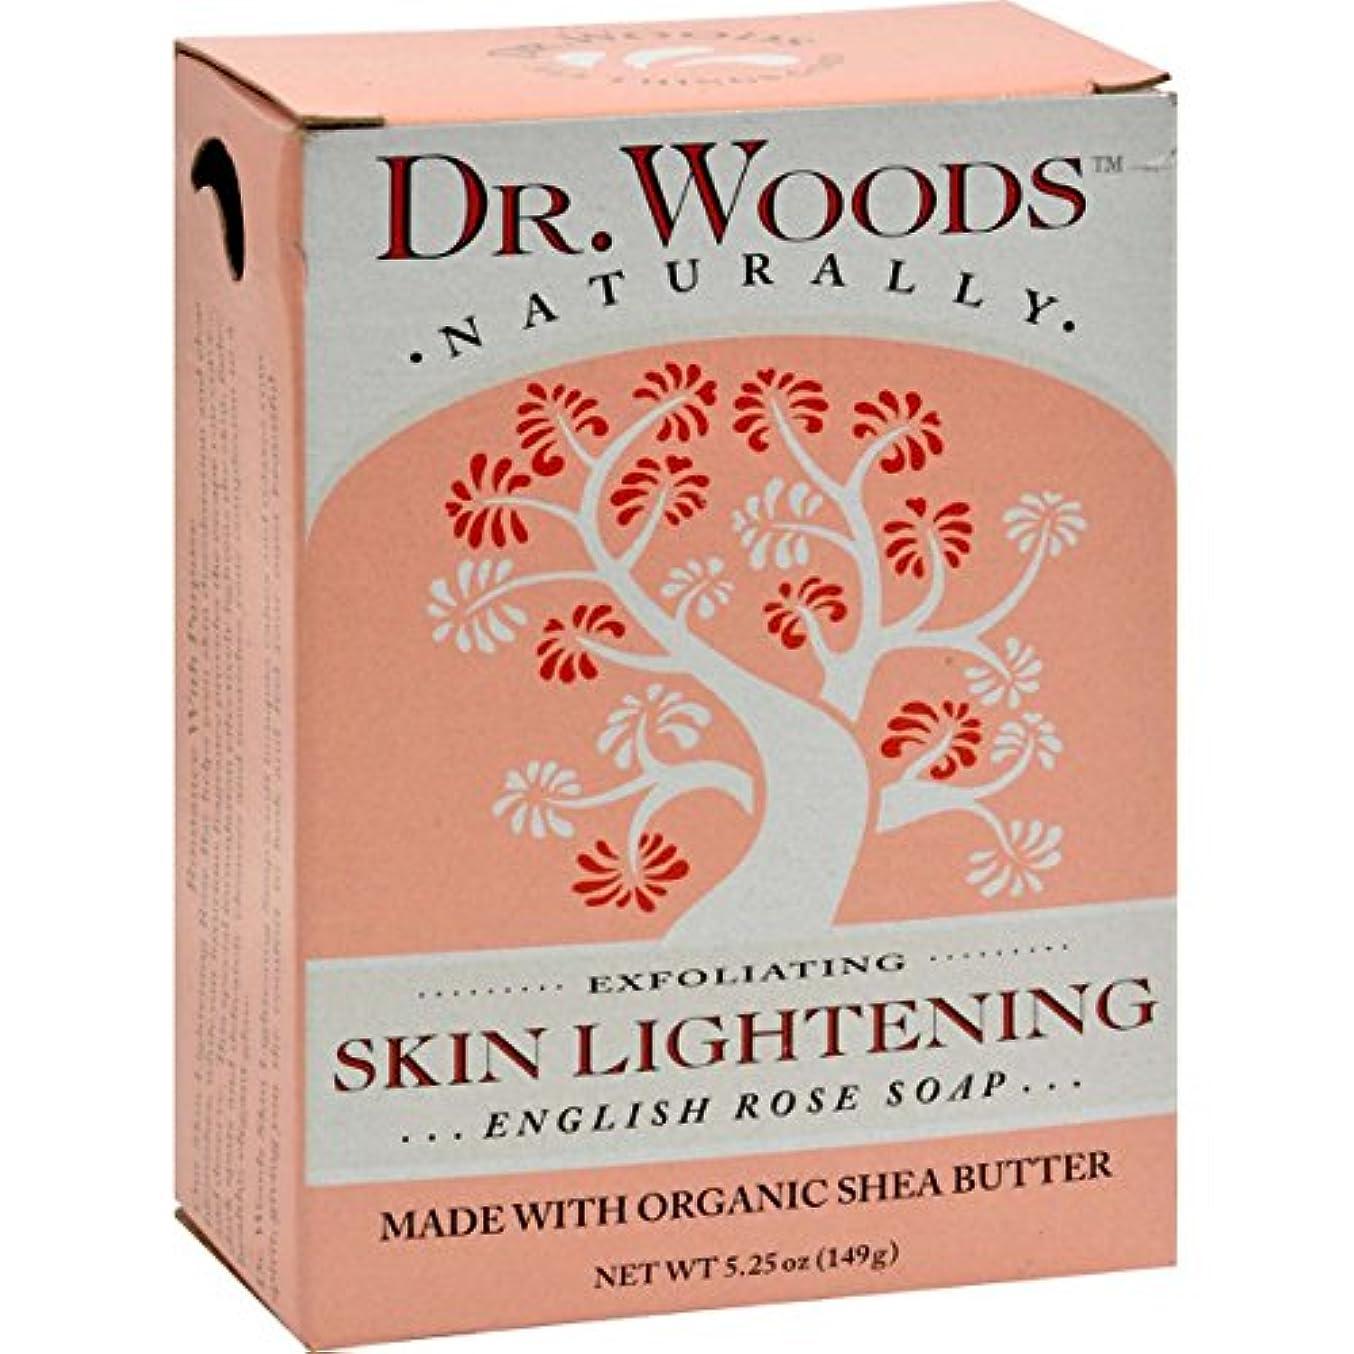 ステーキ合成叫ぶDr. Woods, English Rose Soap, Skin Lightening, 5.25 oz (149 g)